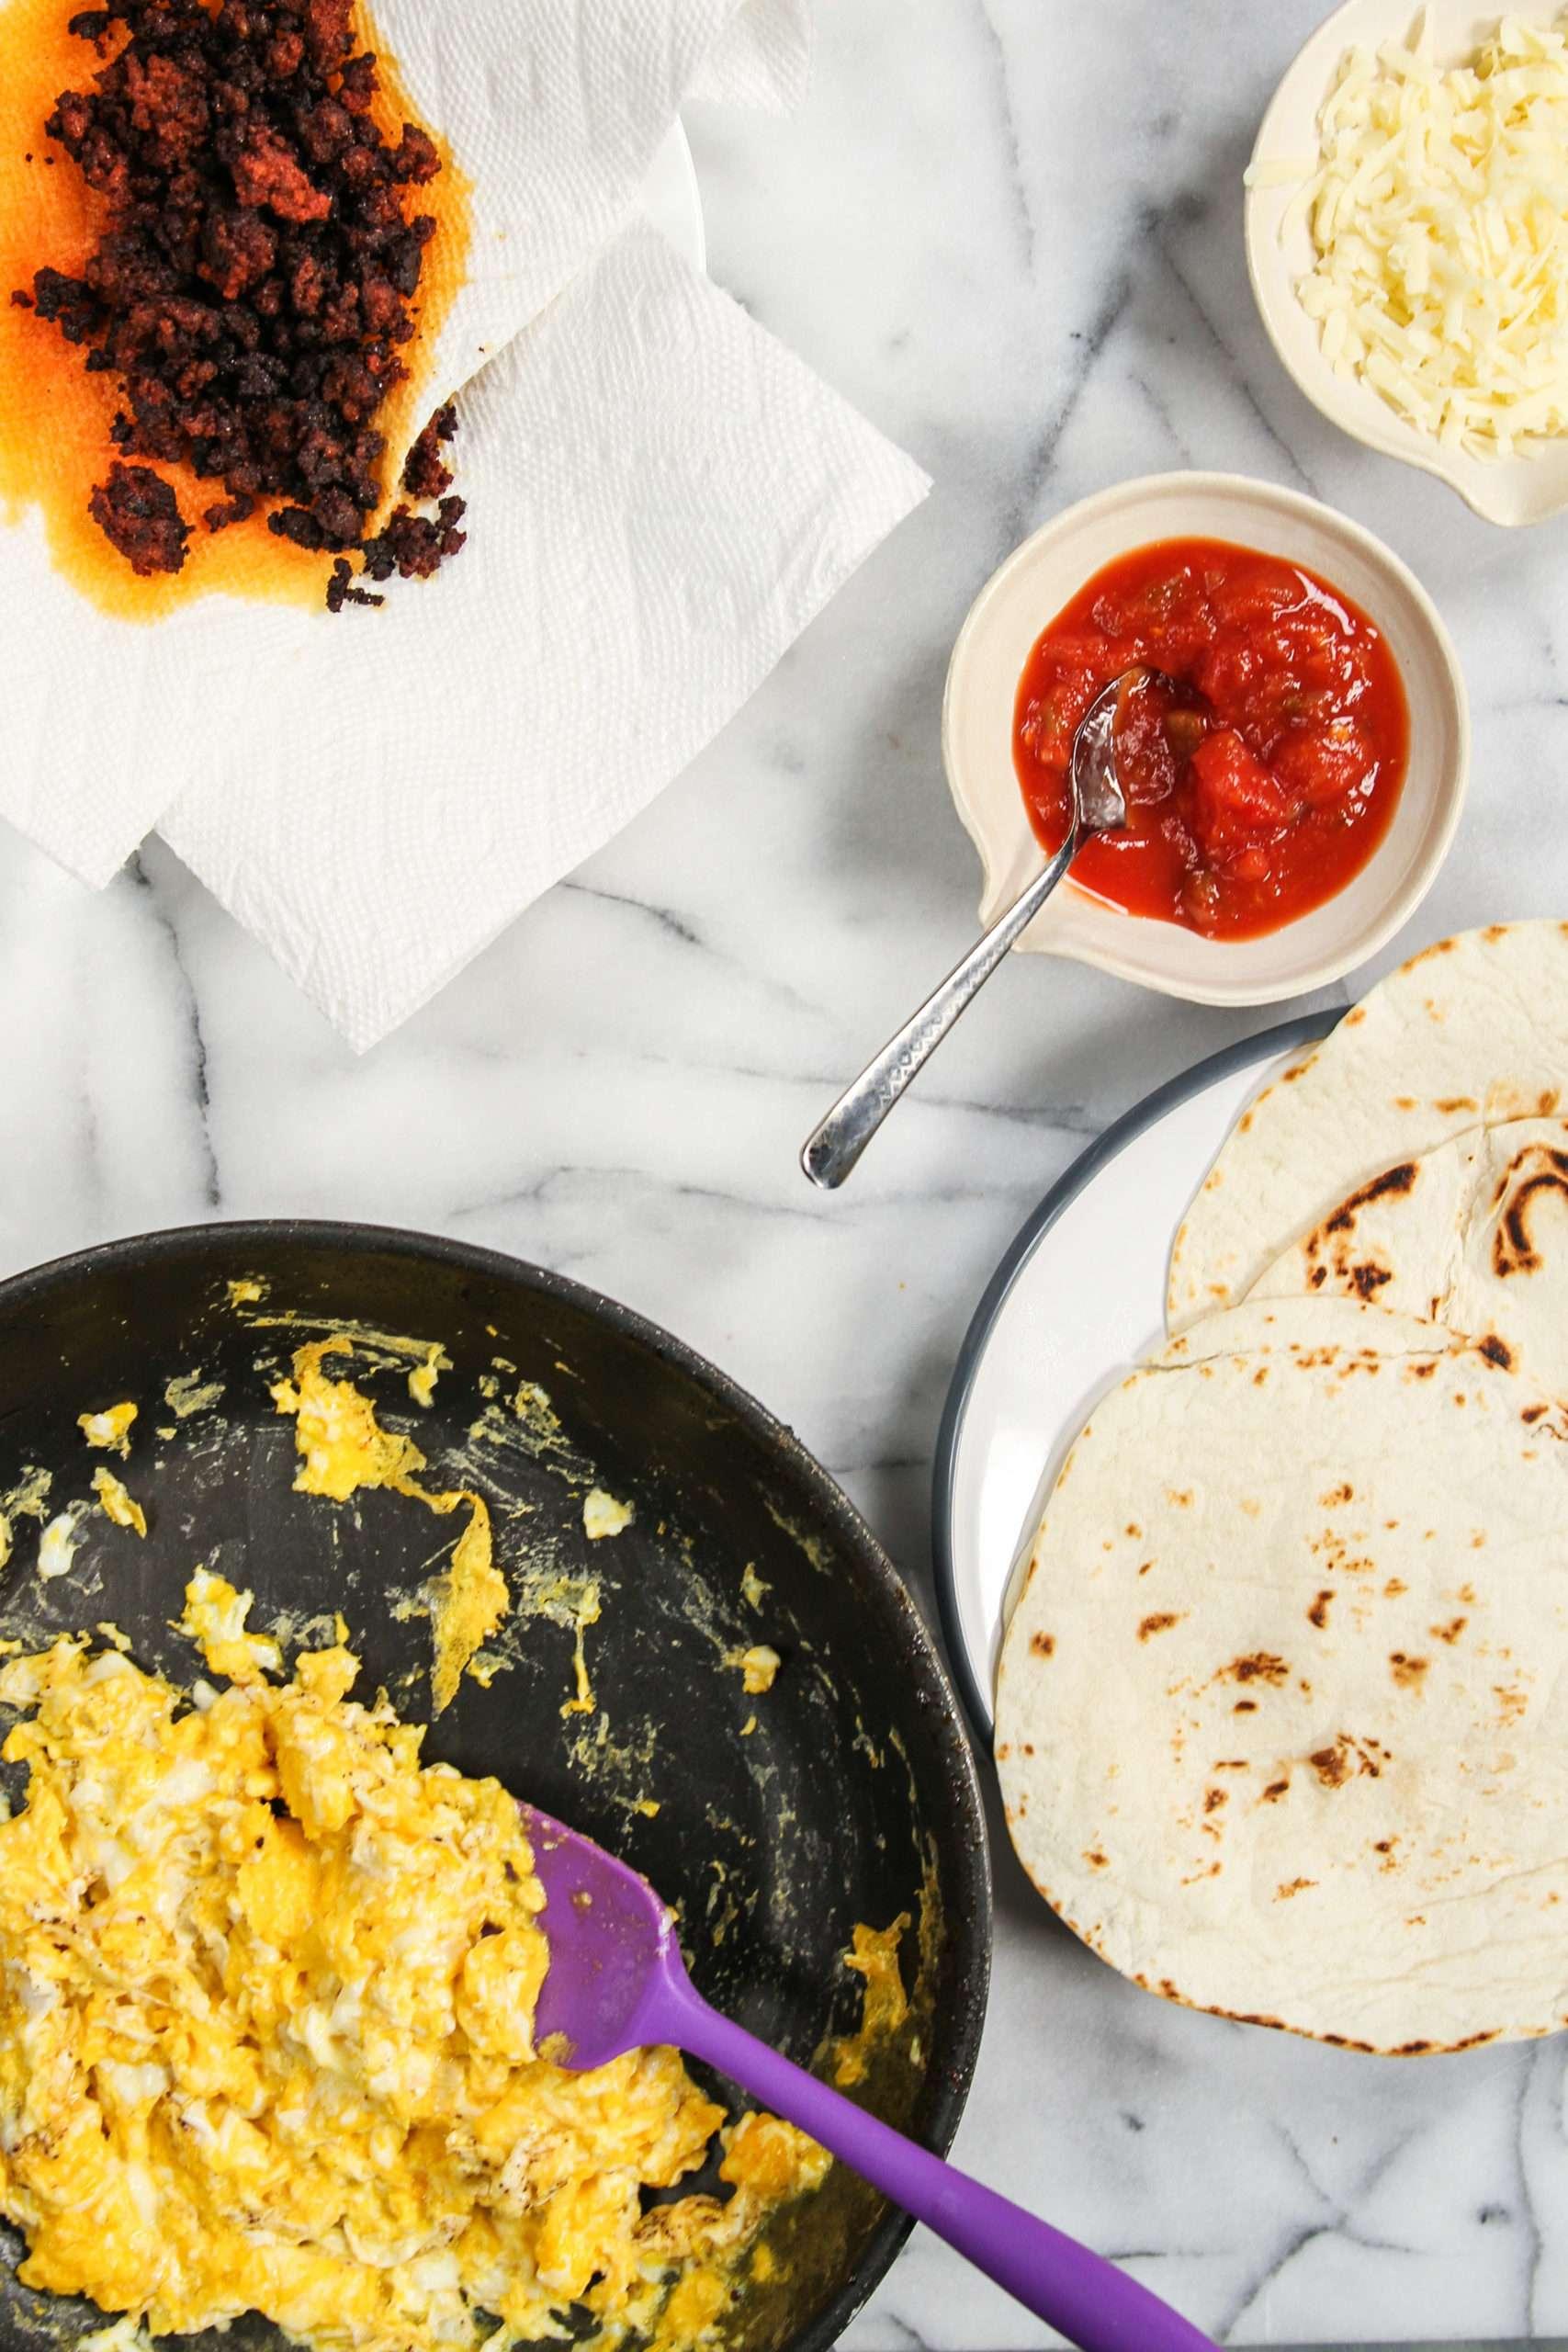 The ingredients used in my 5 ingredient breakfast tacos